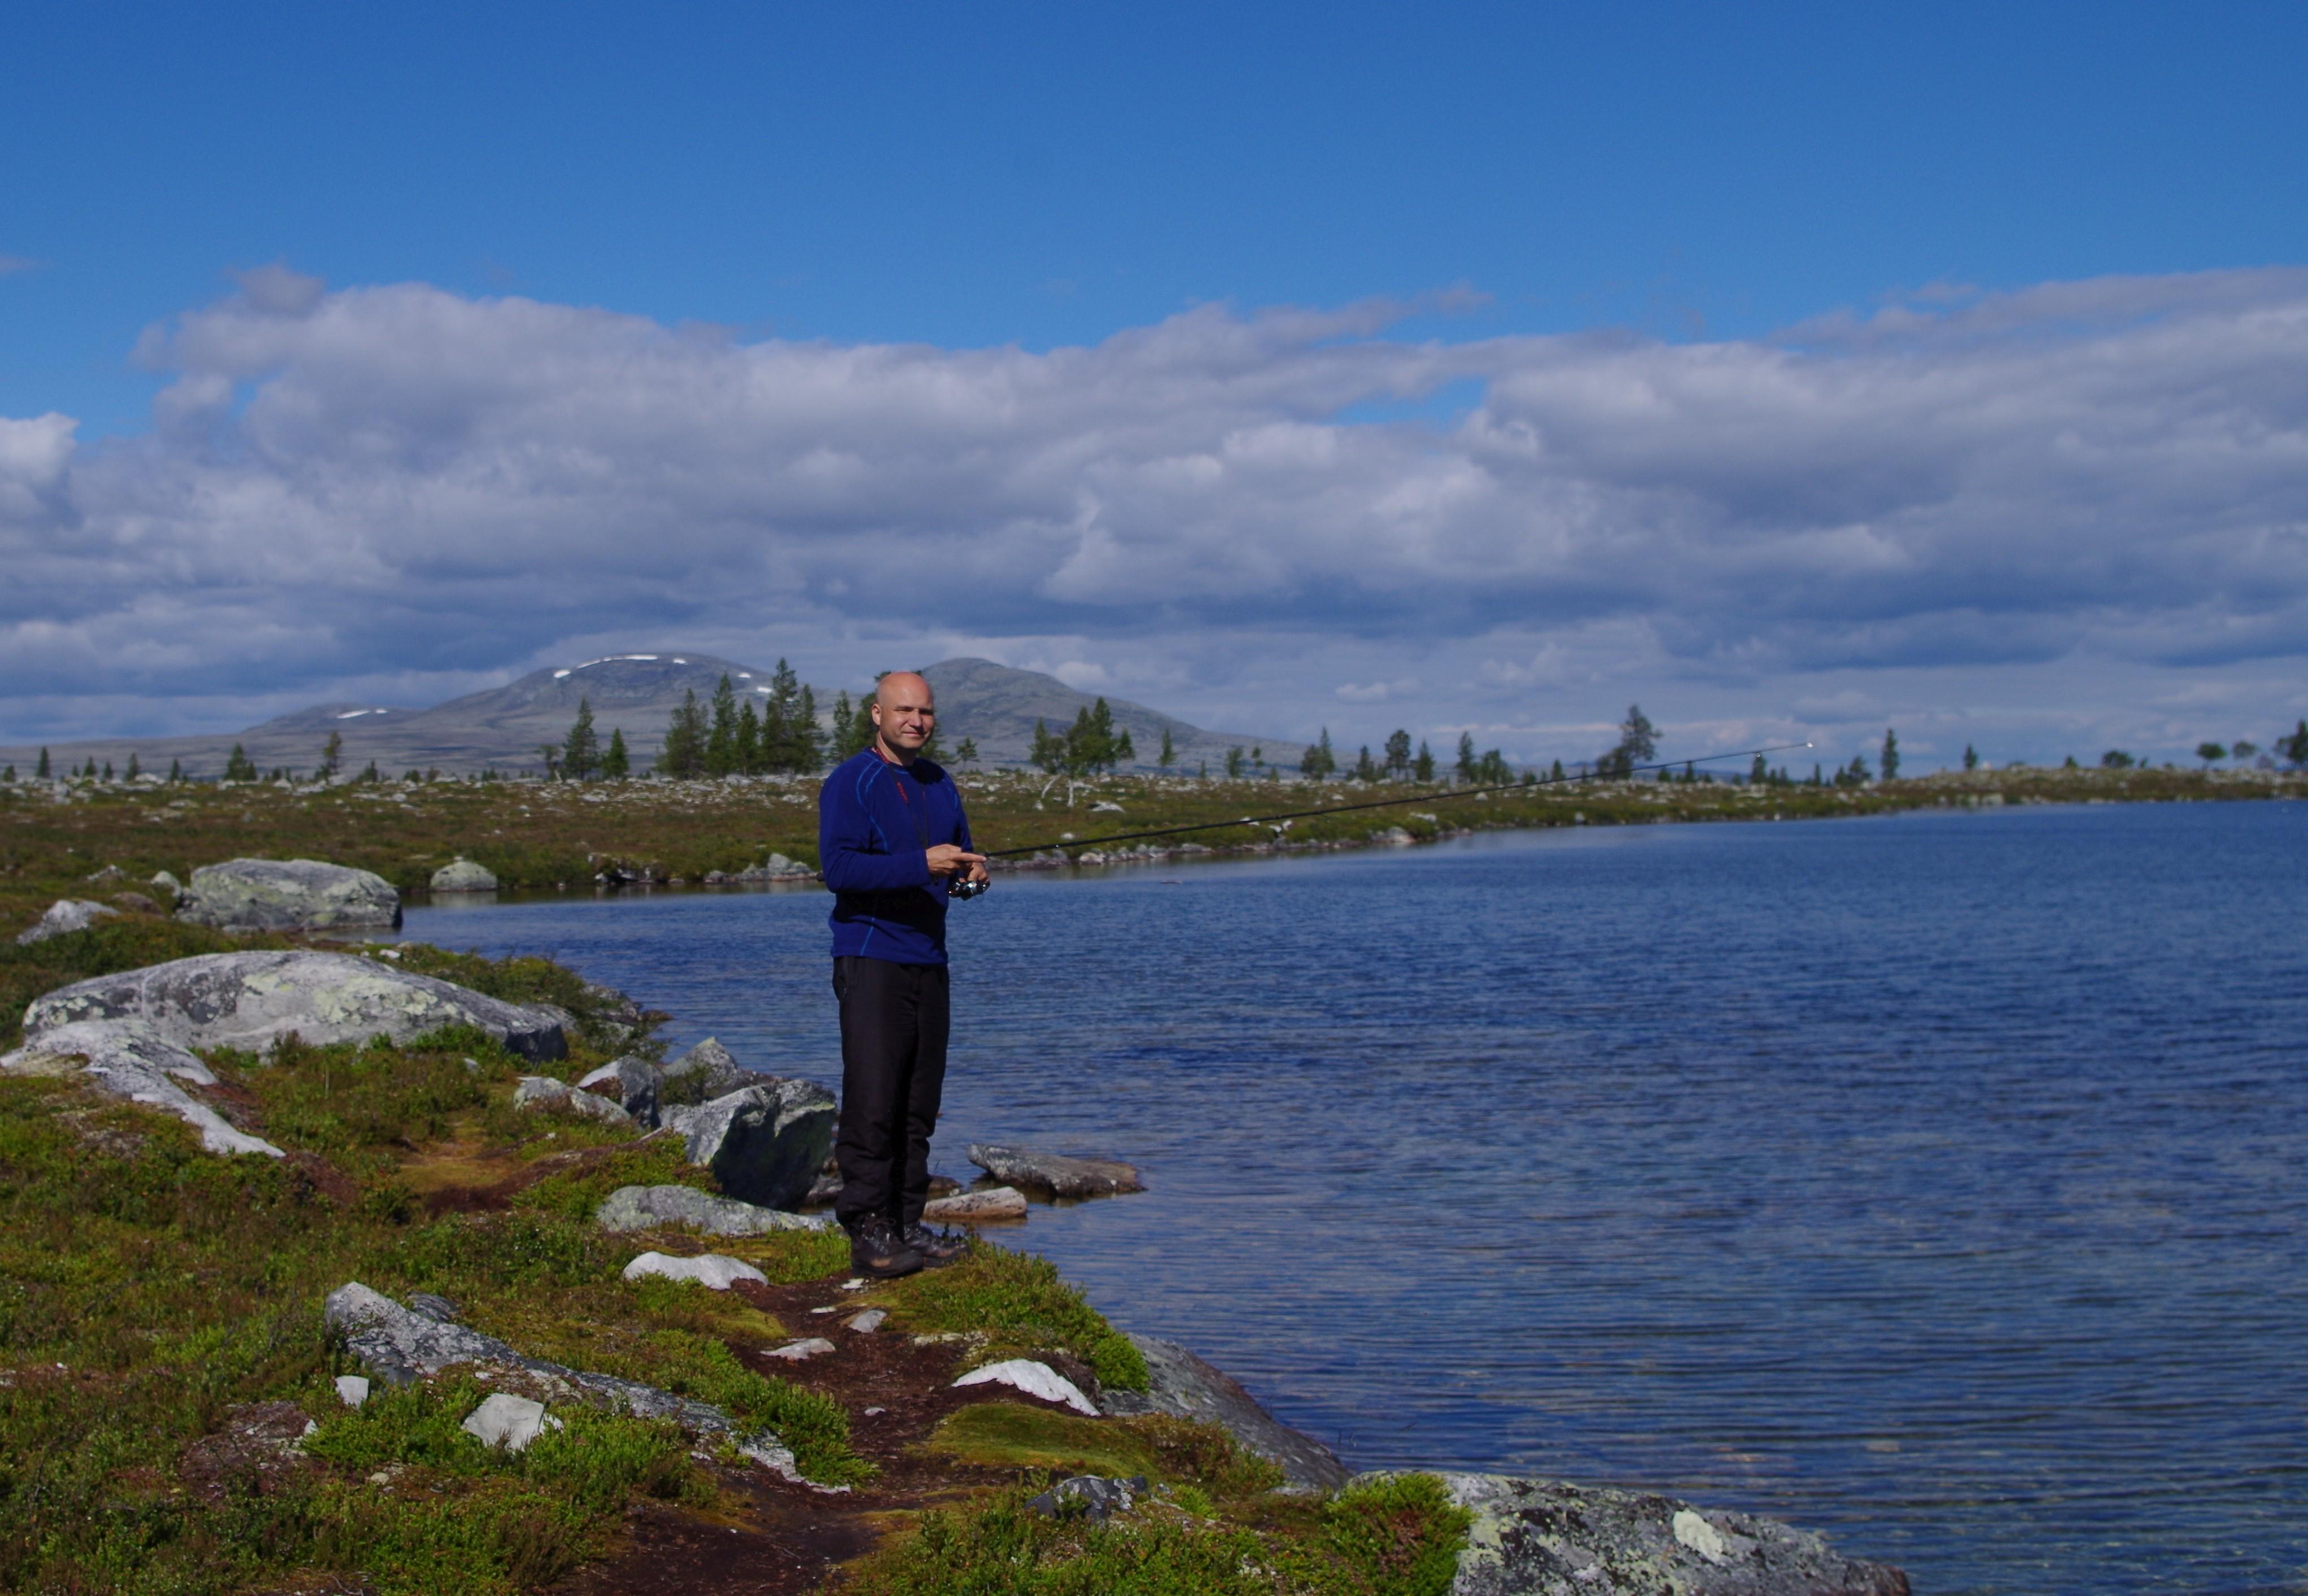 kroken opp innsjøen behagelig Gemini kvinne dating en Fiskene mann